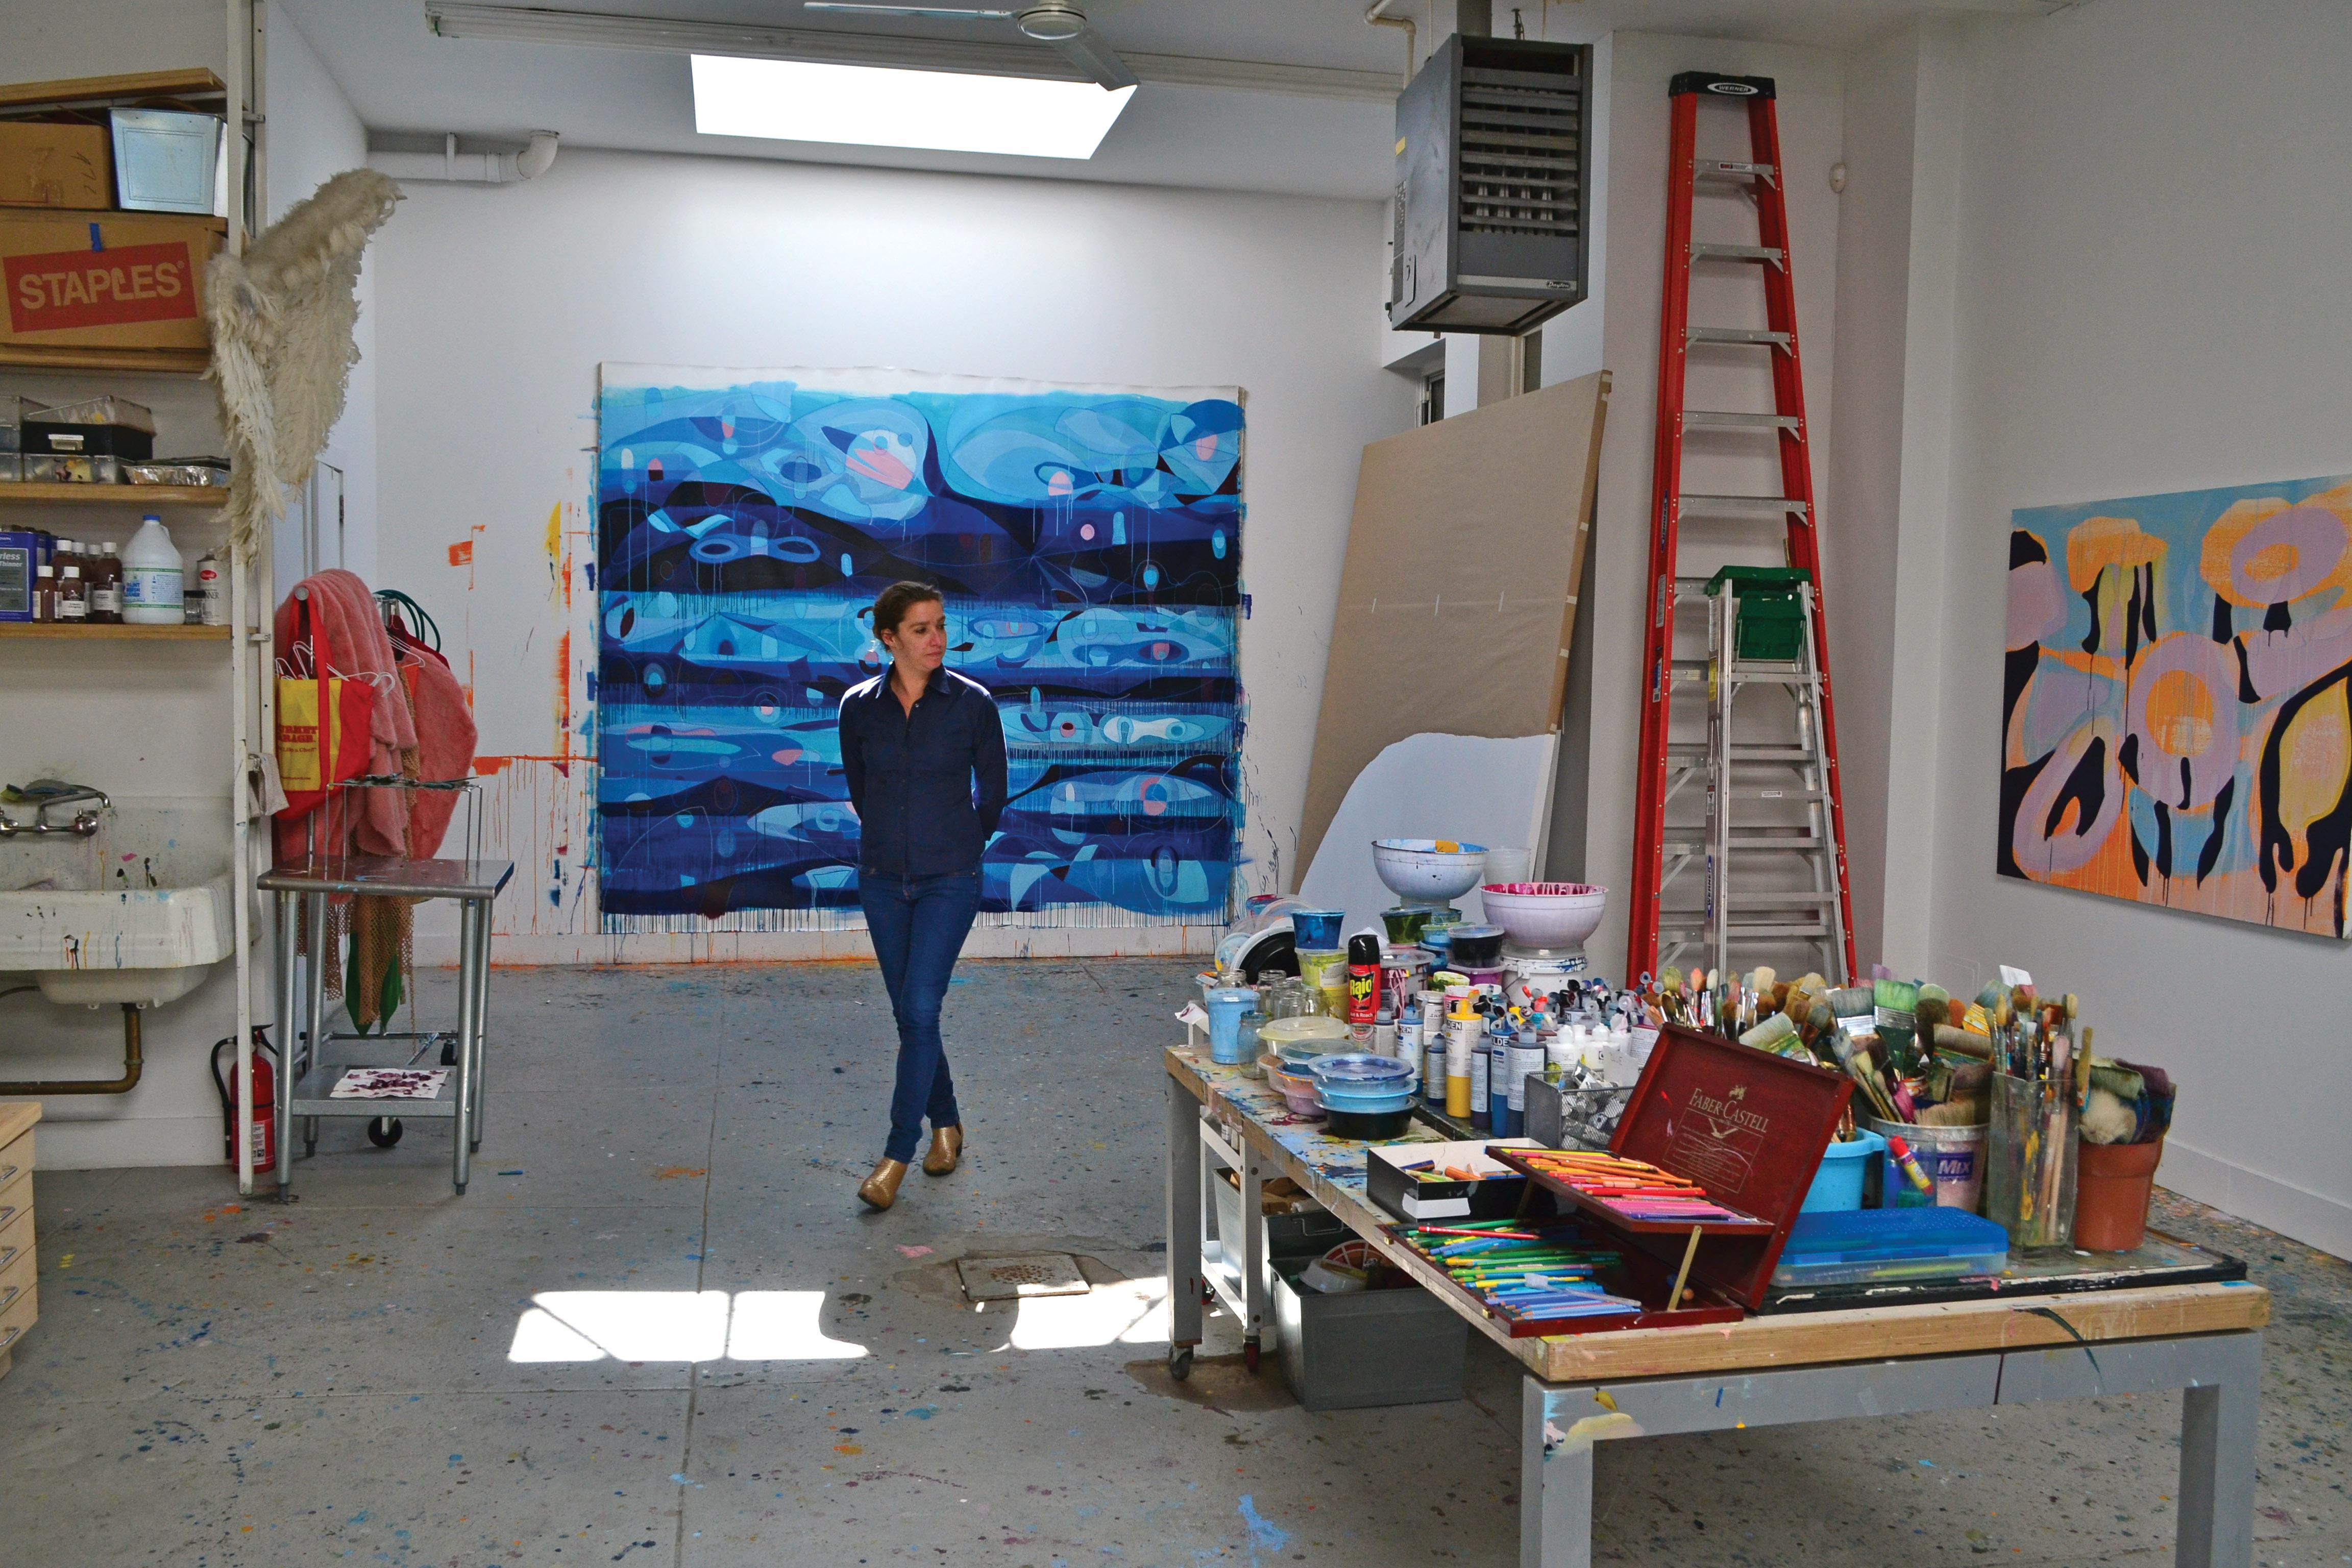 Janina Tschape, Brooklyn 2013